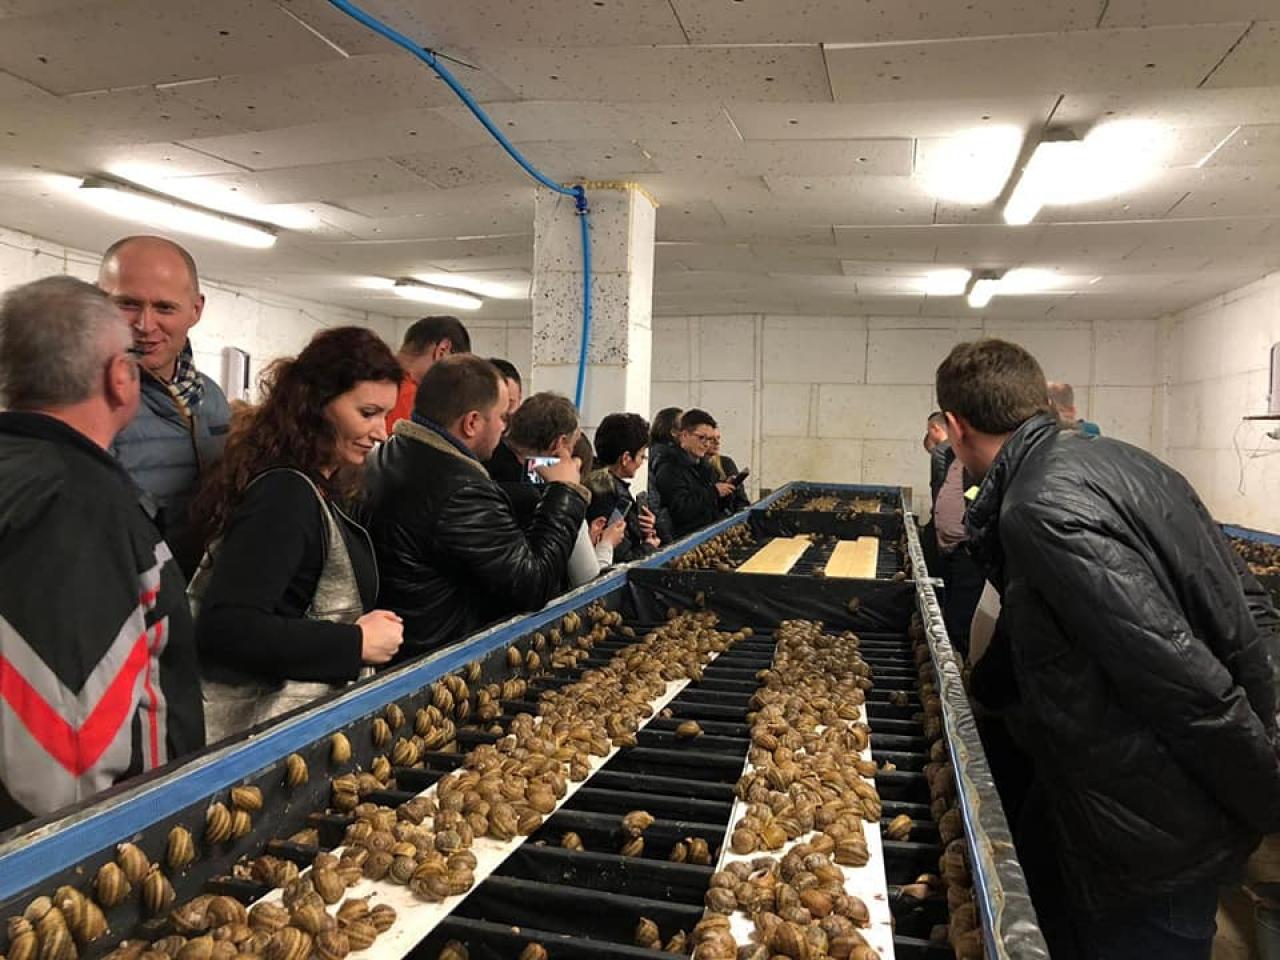 Zdjęcie główne #239 - Chcesz hodować ślimaki? Możesz sięgnąć po środki unijne